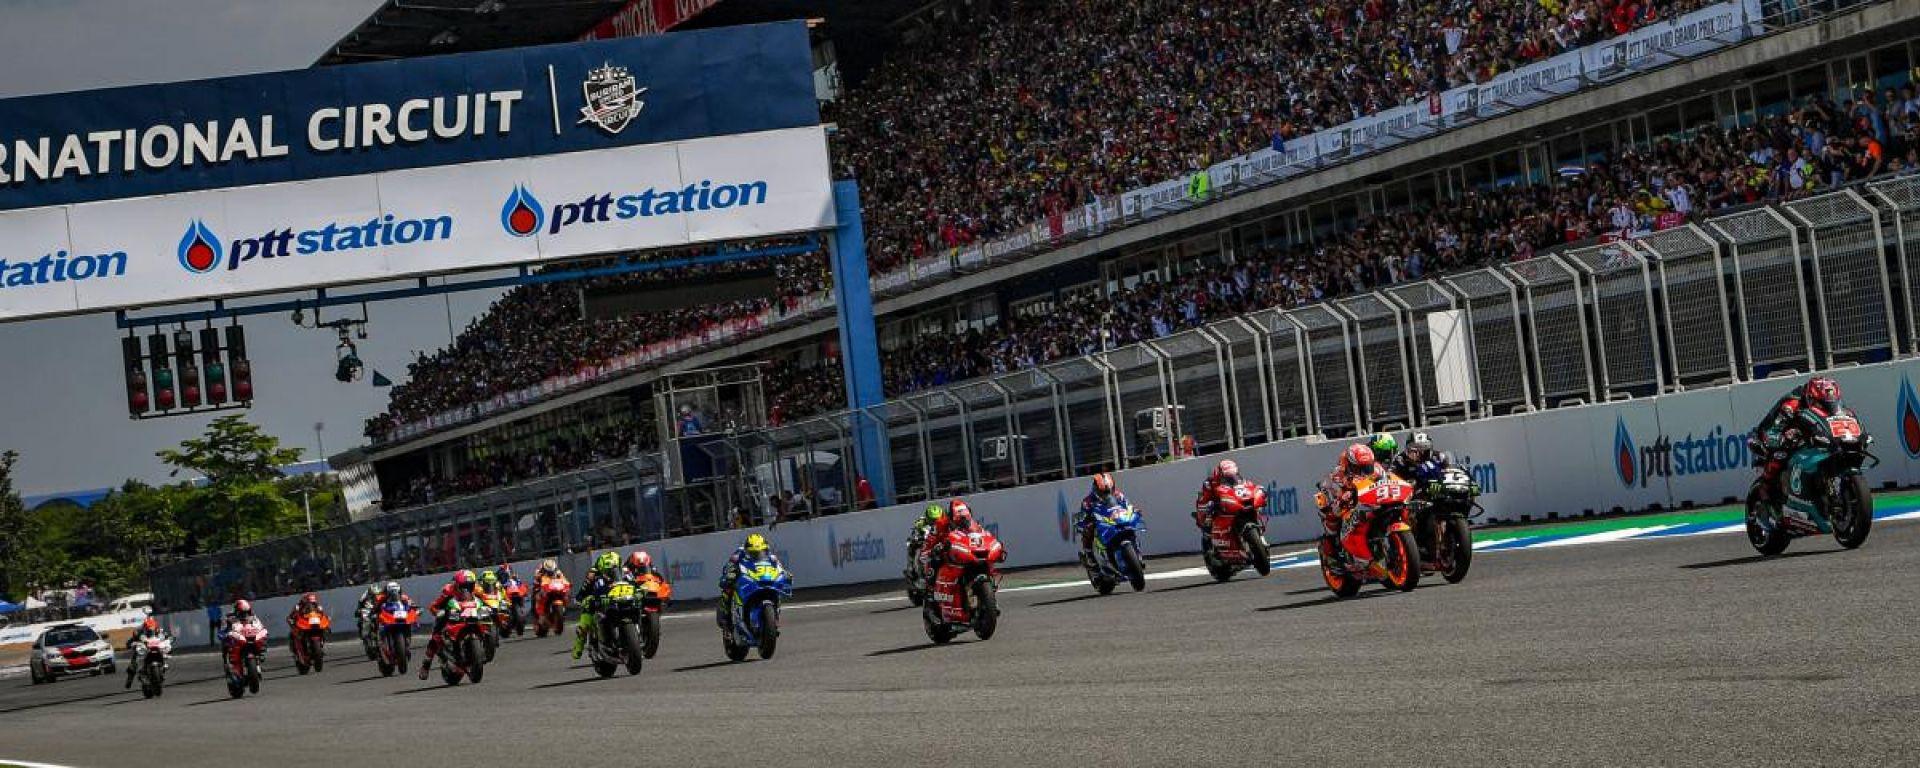 La partenza del Gran Premio di Thailandia 2019